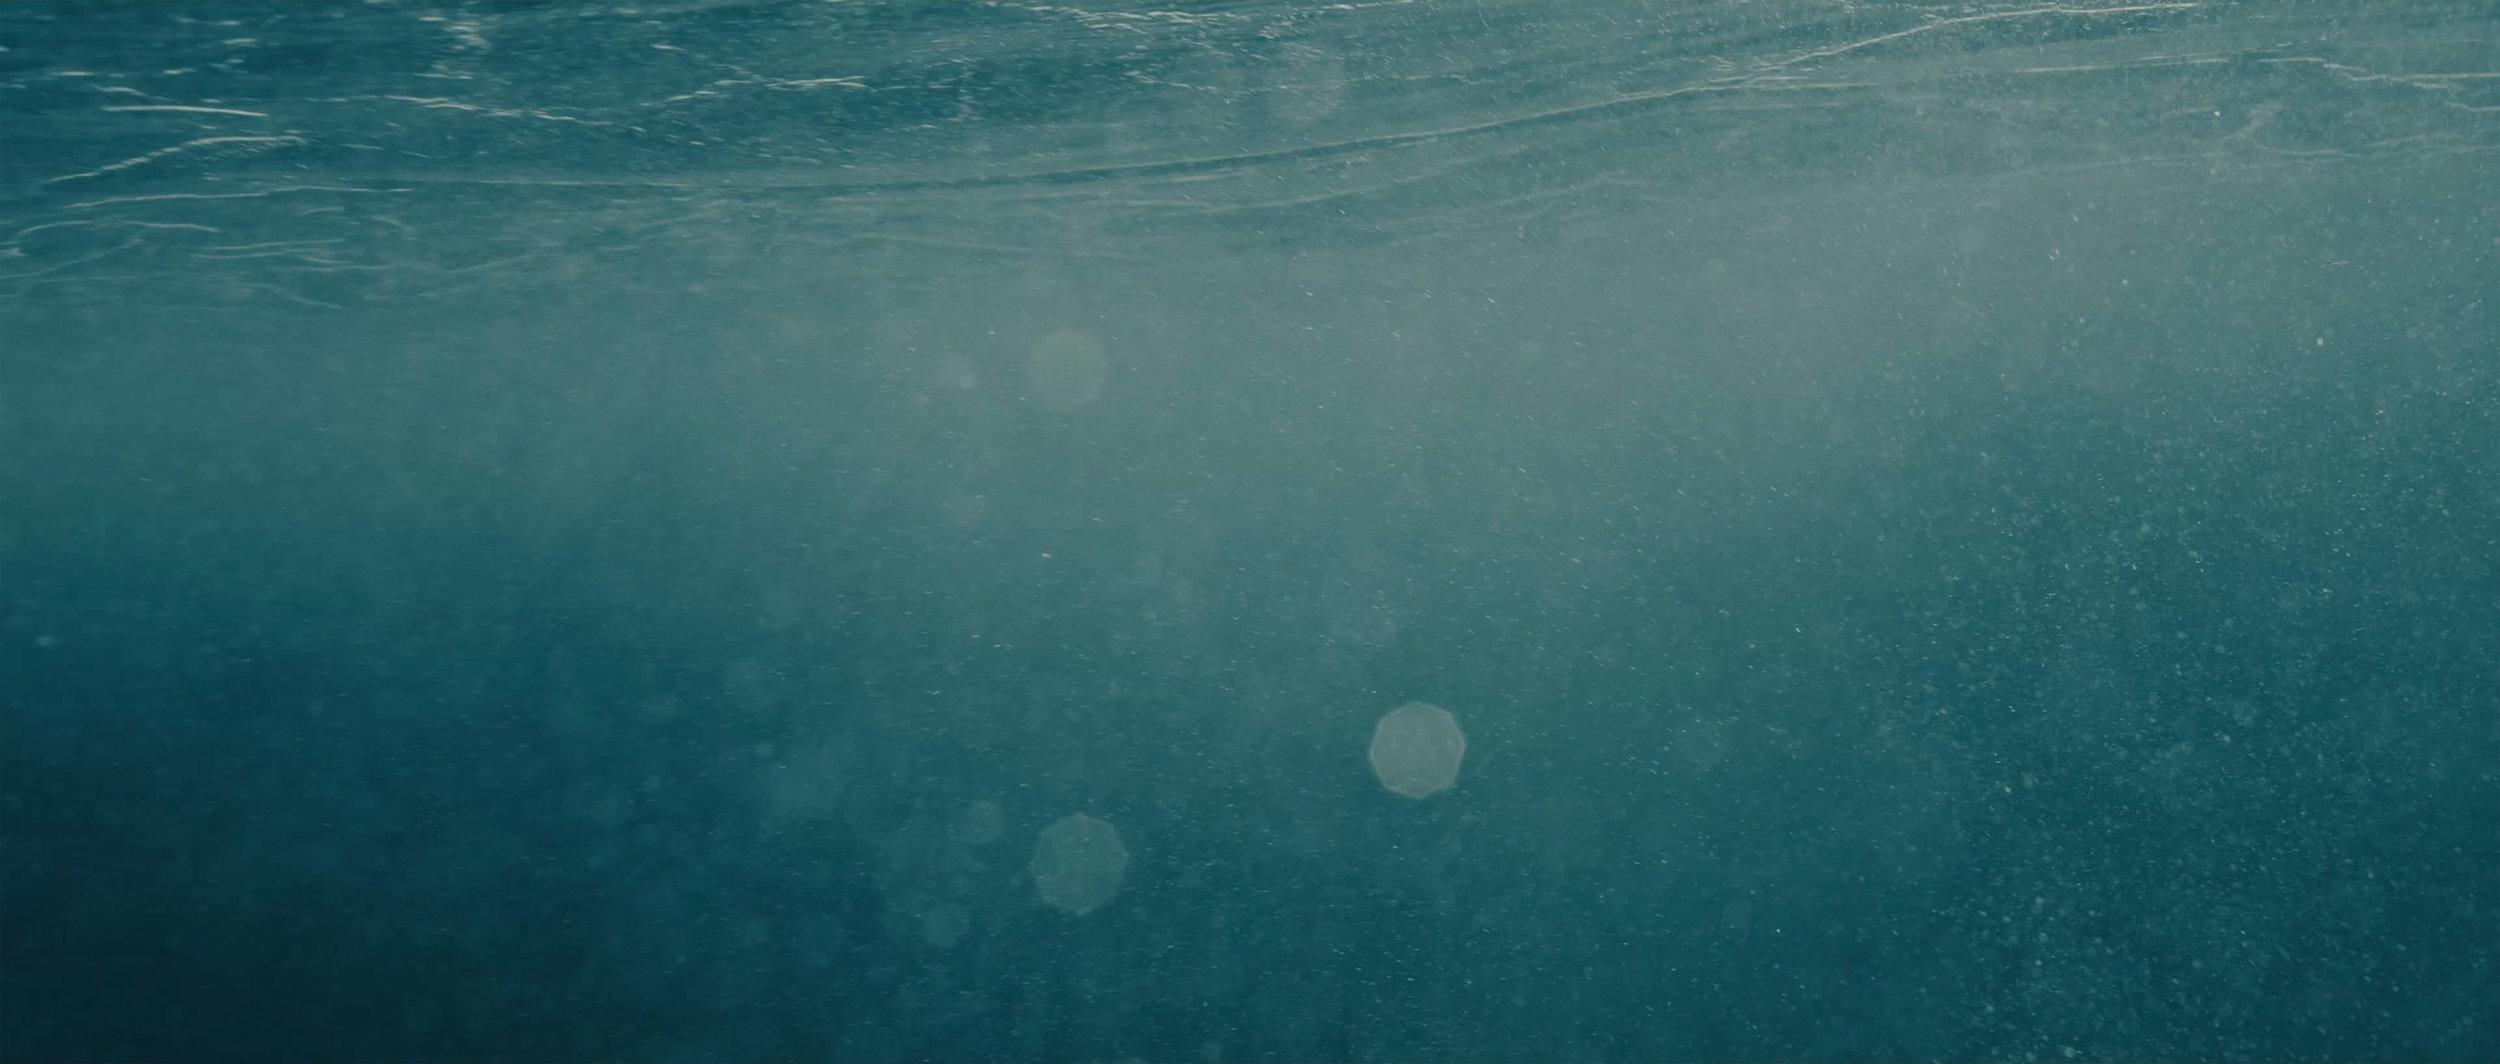 - Underwater